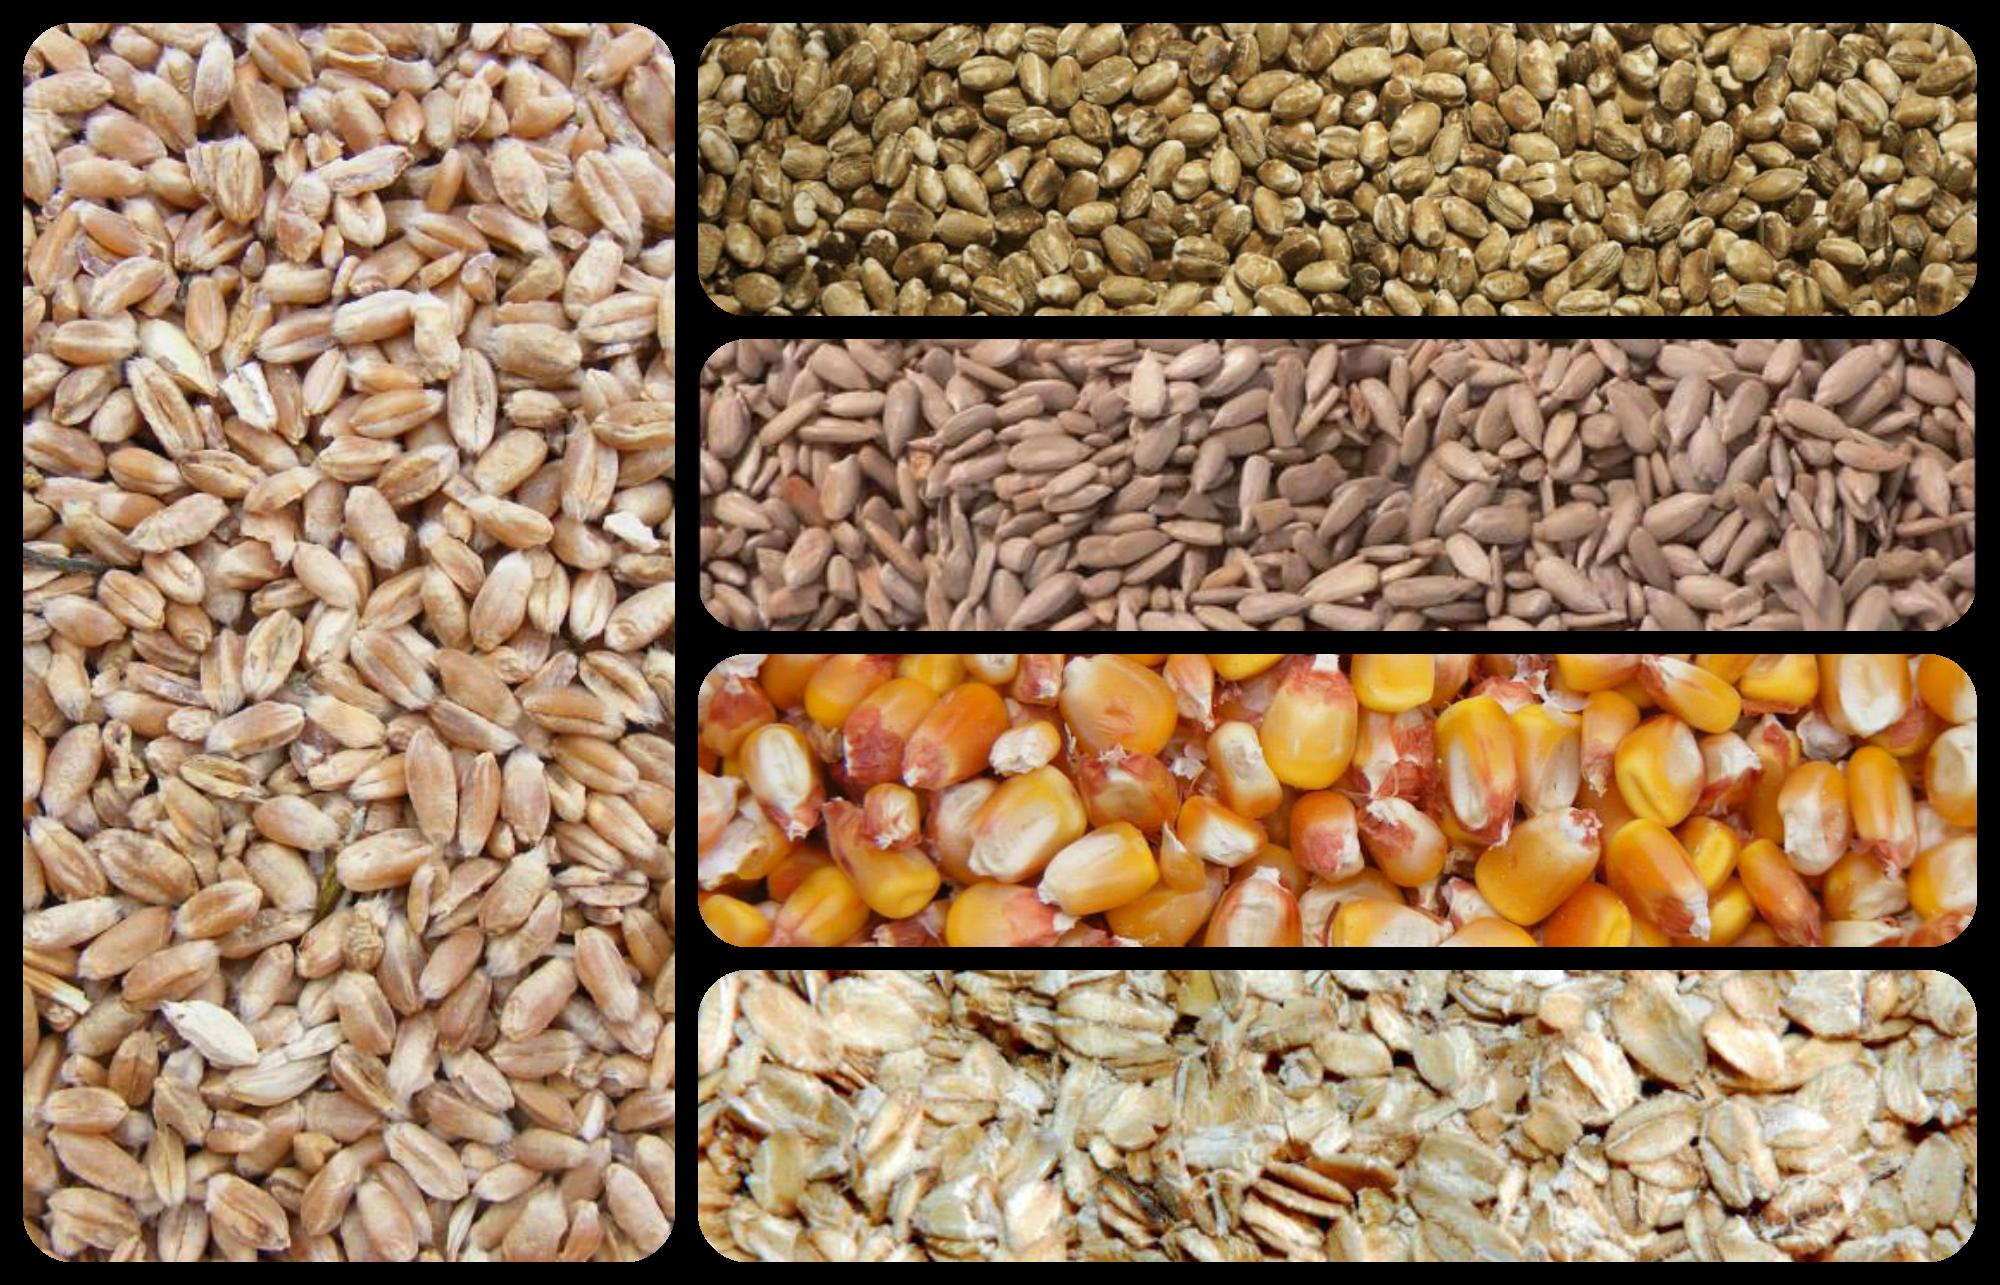 http://receitaspadaria.wordpress.com/category/alfabeto-da-padaria/escolha-a-farinha-certa/  Do trigo aos cereais, existem diversos tipos farinhas que tornam o pão num alimento mais do que especial. Conheça melhor as características de cada destas farinhas e diga-nos qual a sua preferida.